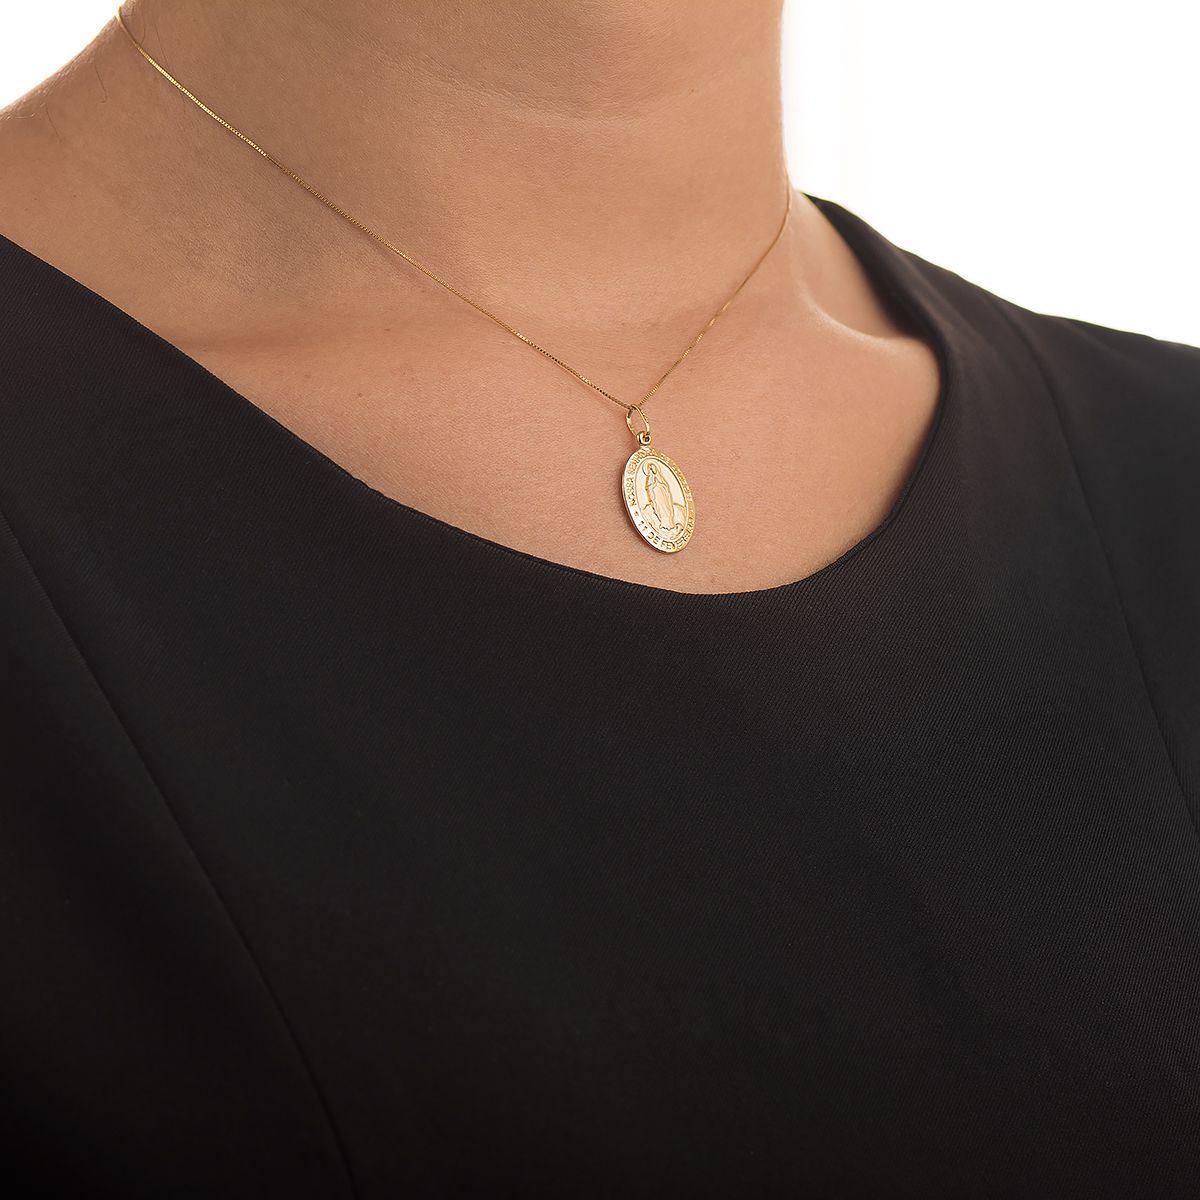 Pingente de Ouro 18k Medalha Nossa Senhora de Lourdes pi14590 - Joiasgold R   668,75 à vista. Adicionar à sacola 7ff3ca505f